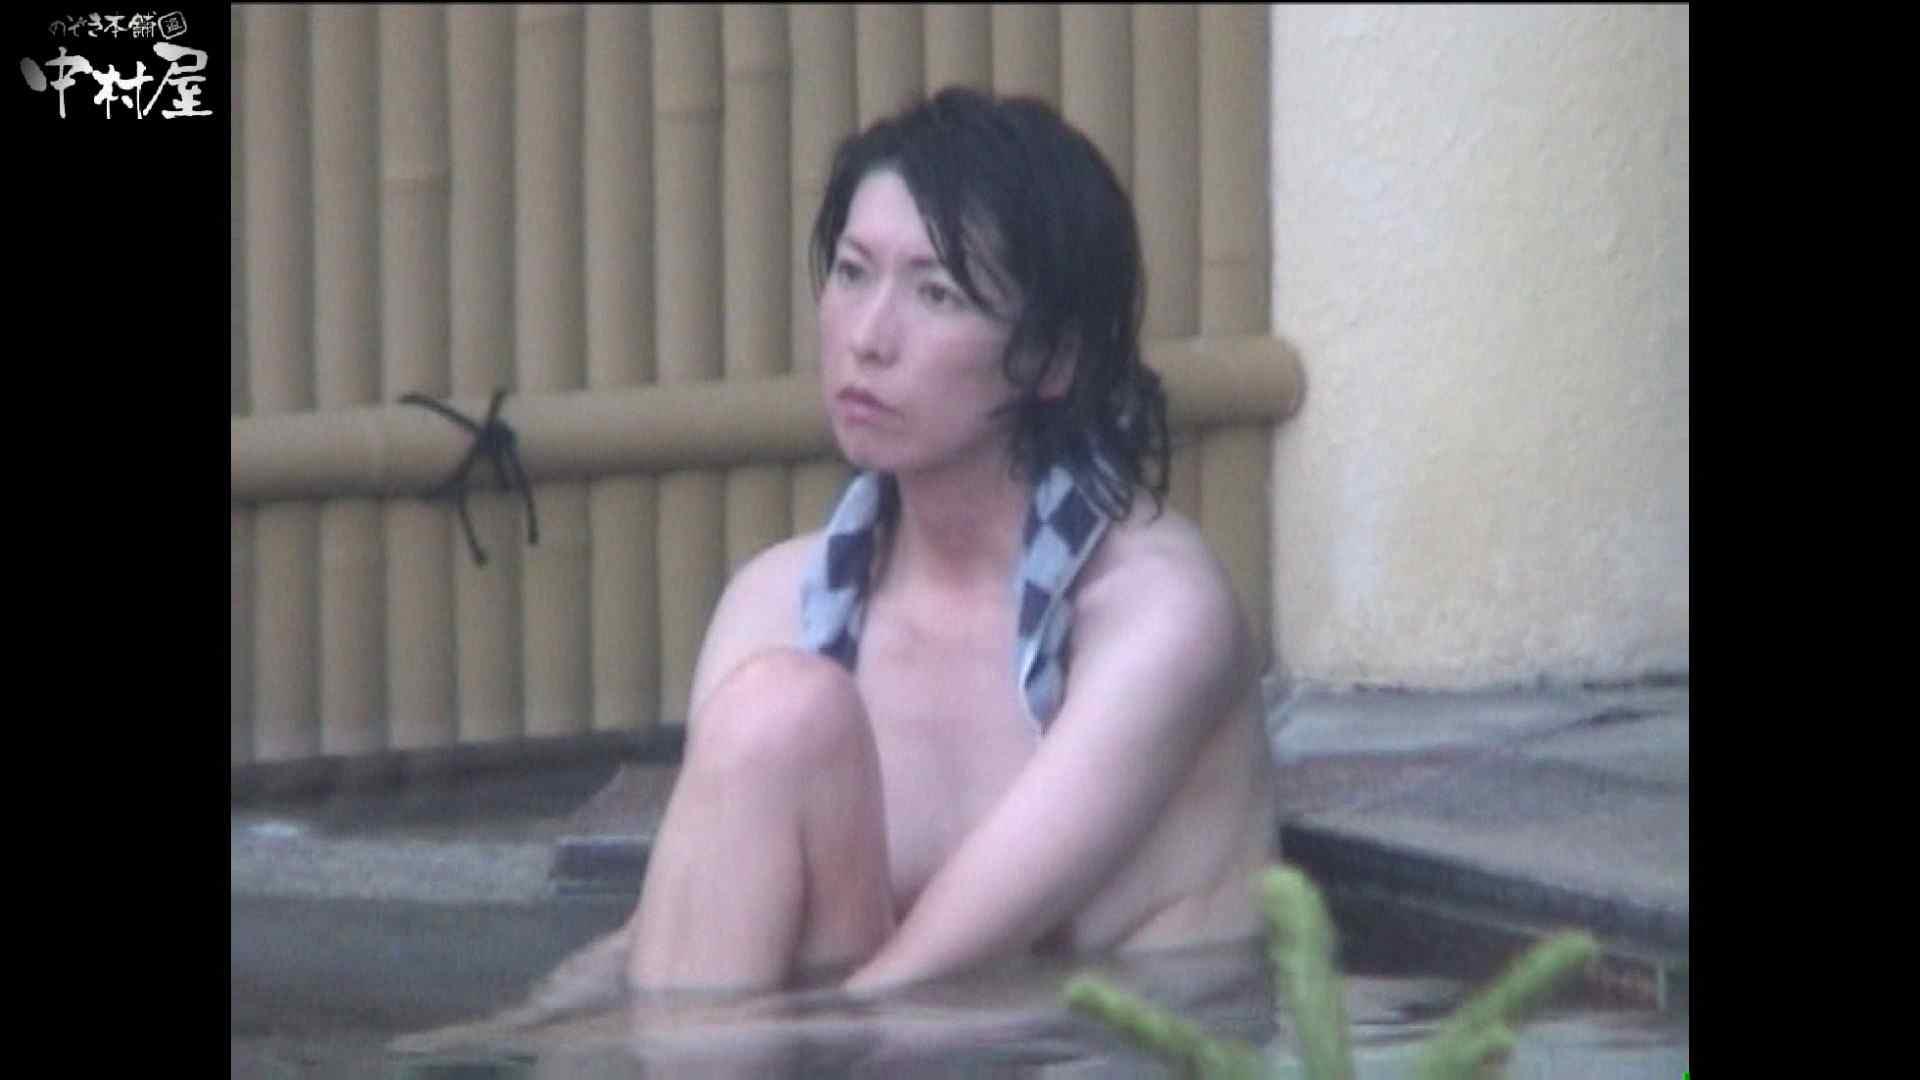 Aquaな露天風呂Vol.987 盗撮  71画像 39